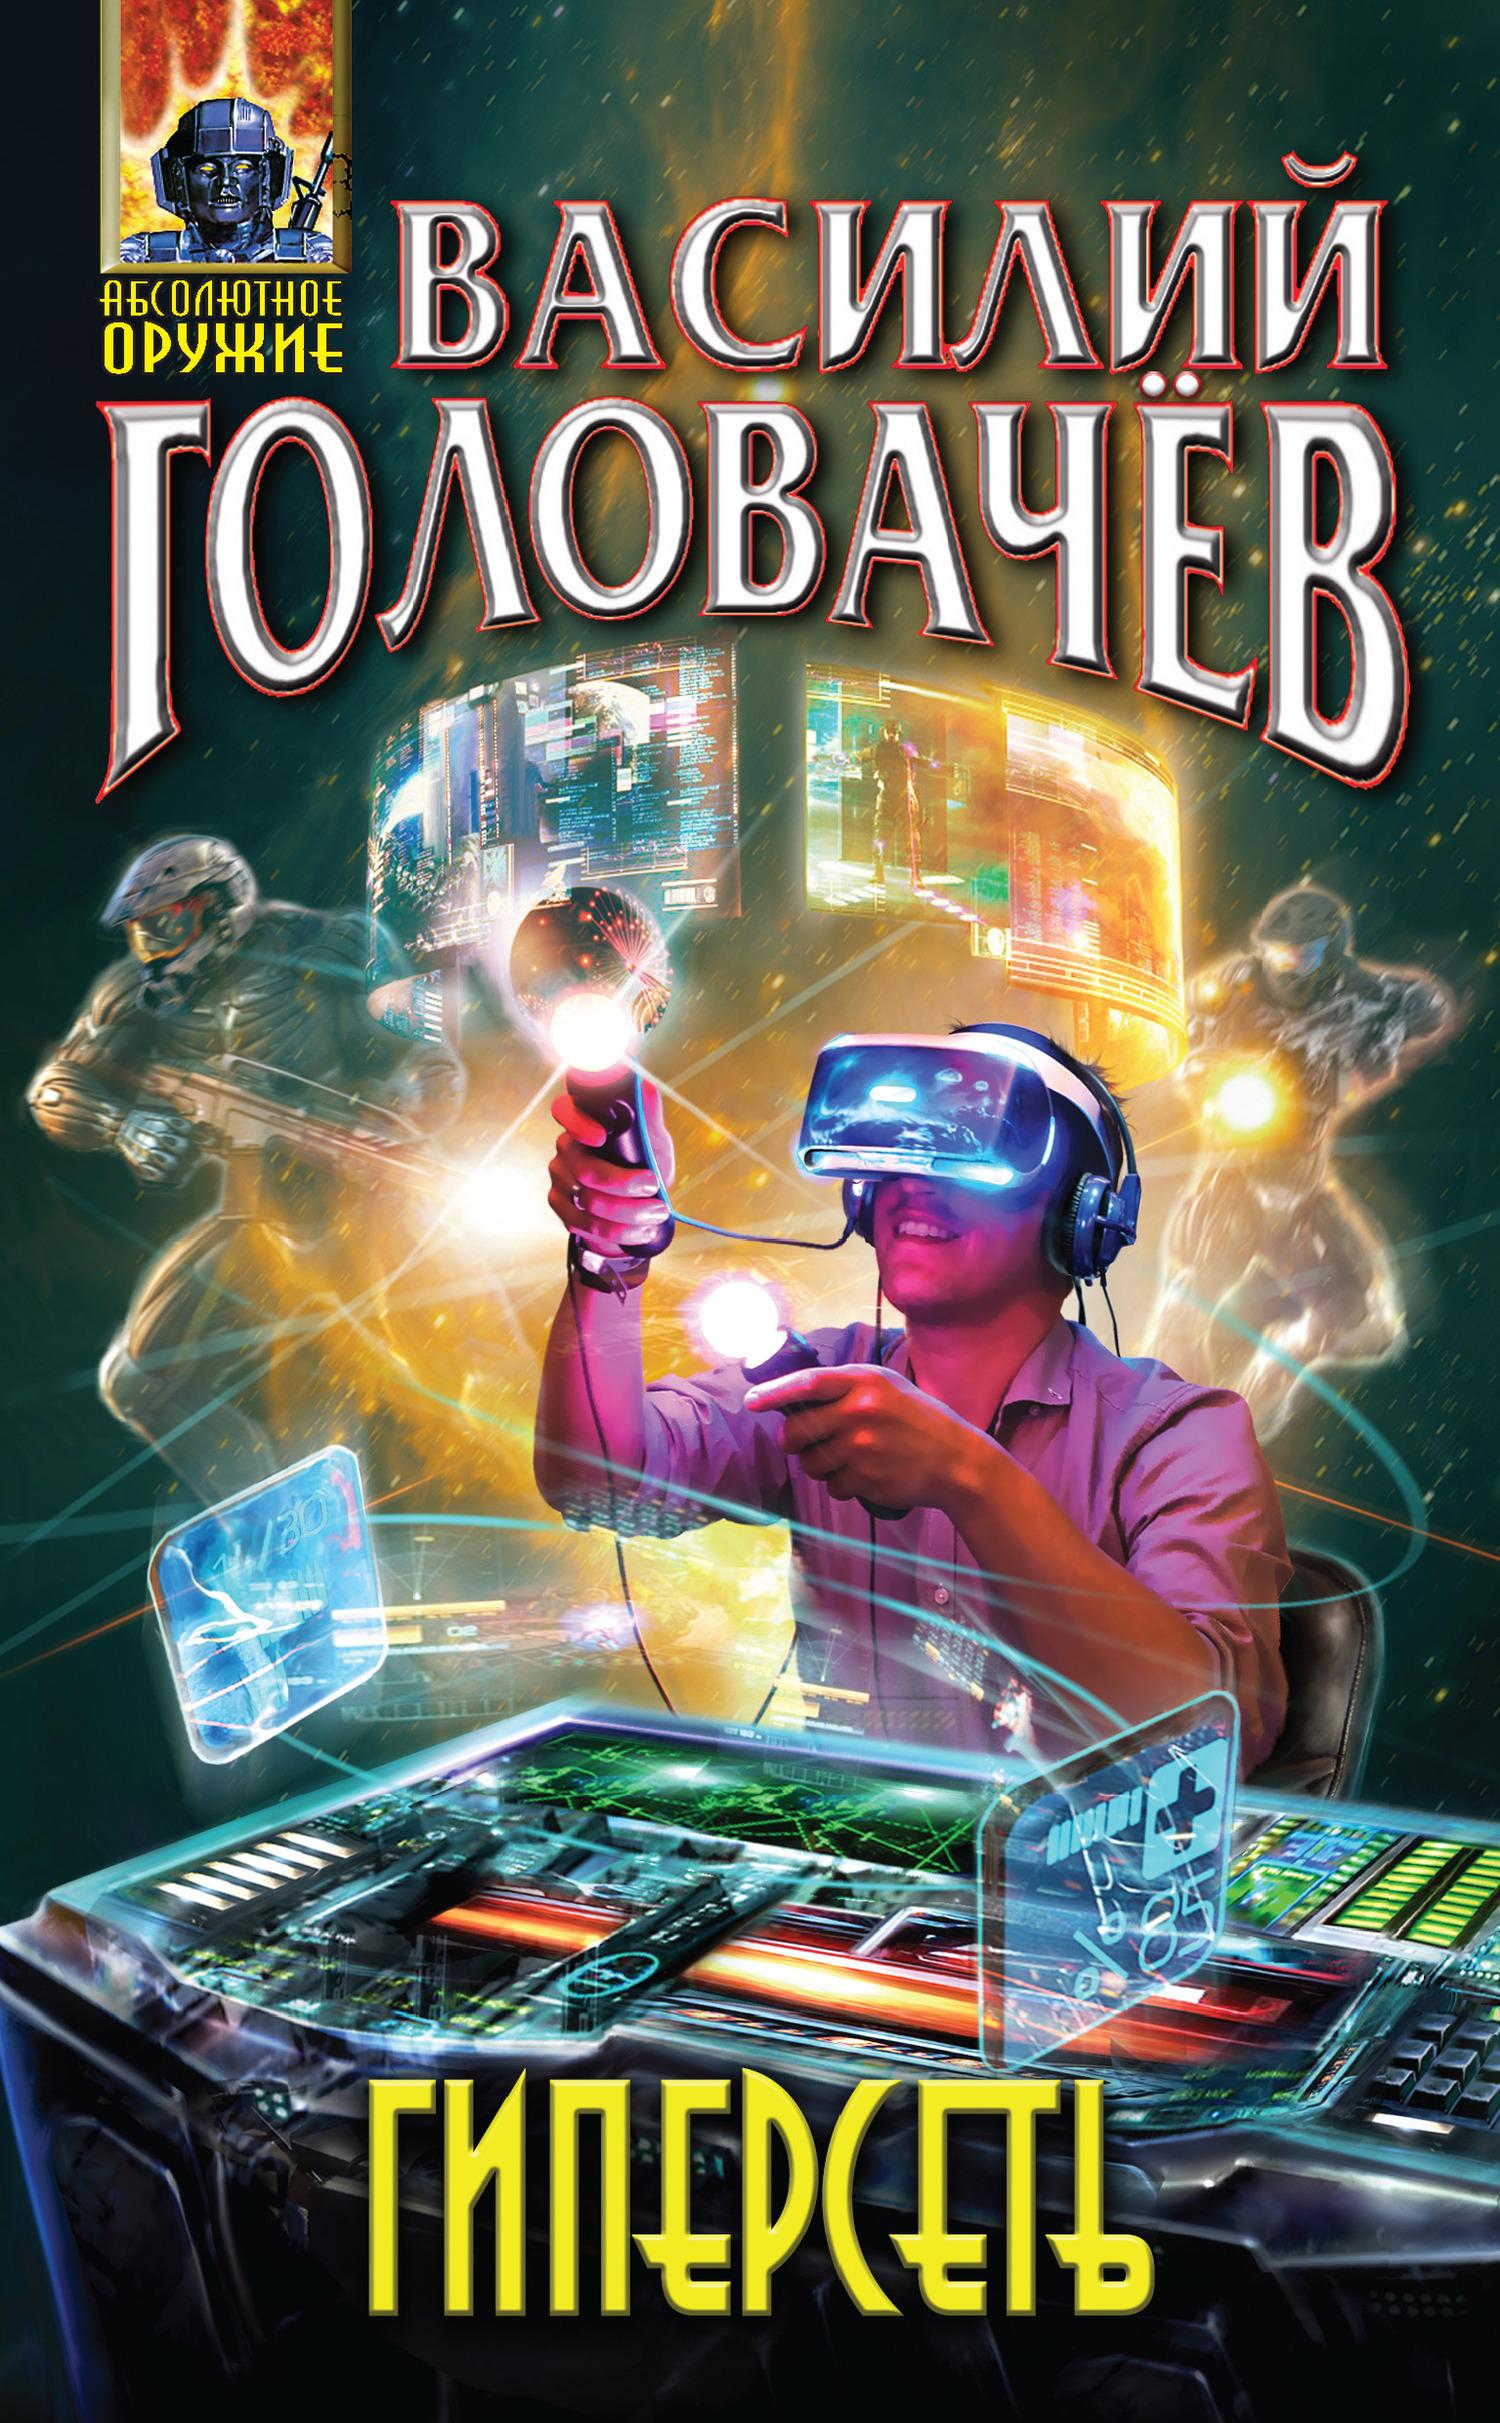 Обложка книги Гиперсеть (сборник), автор Василий Головачев